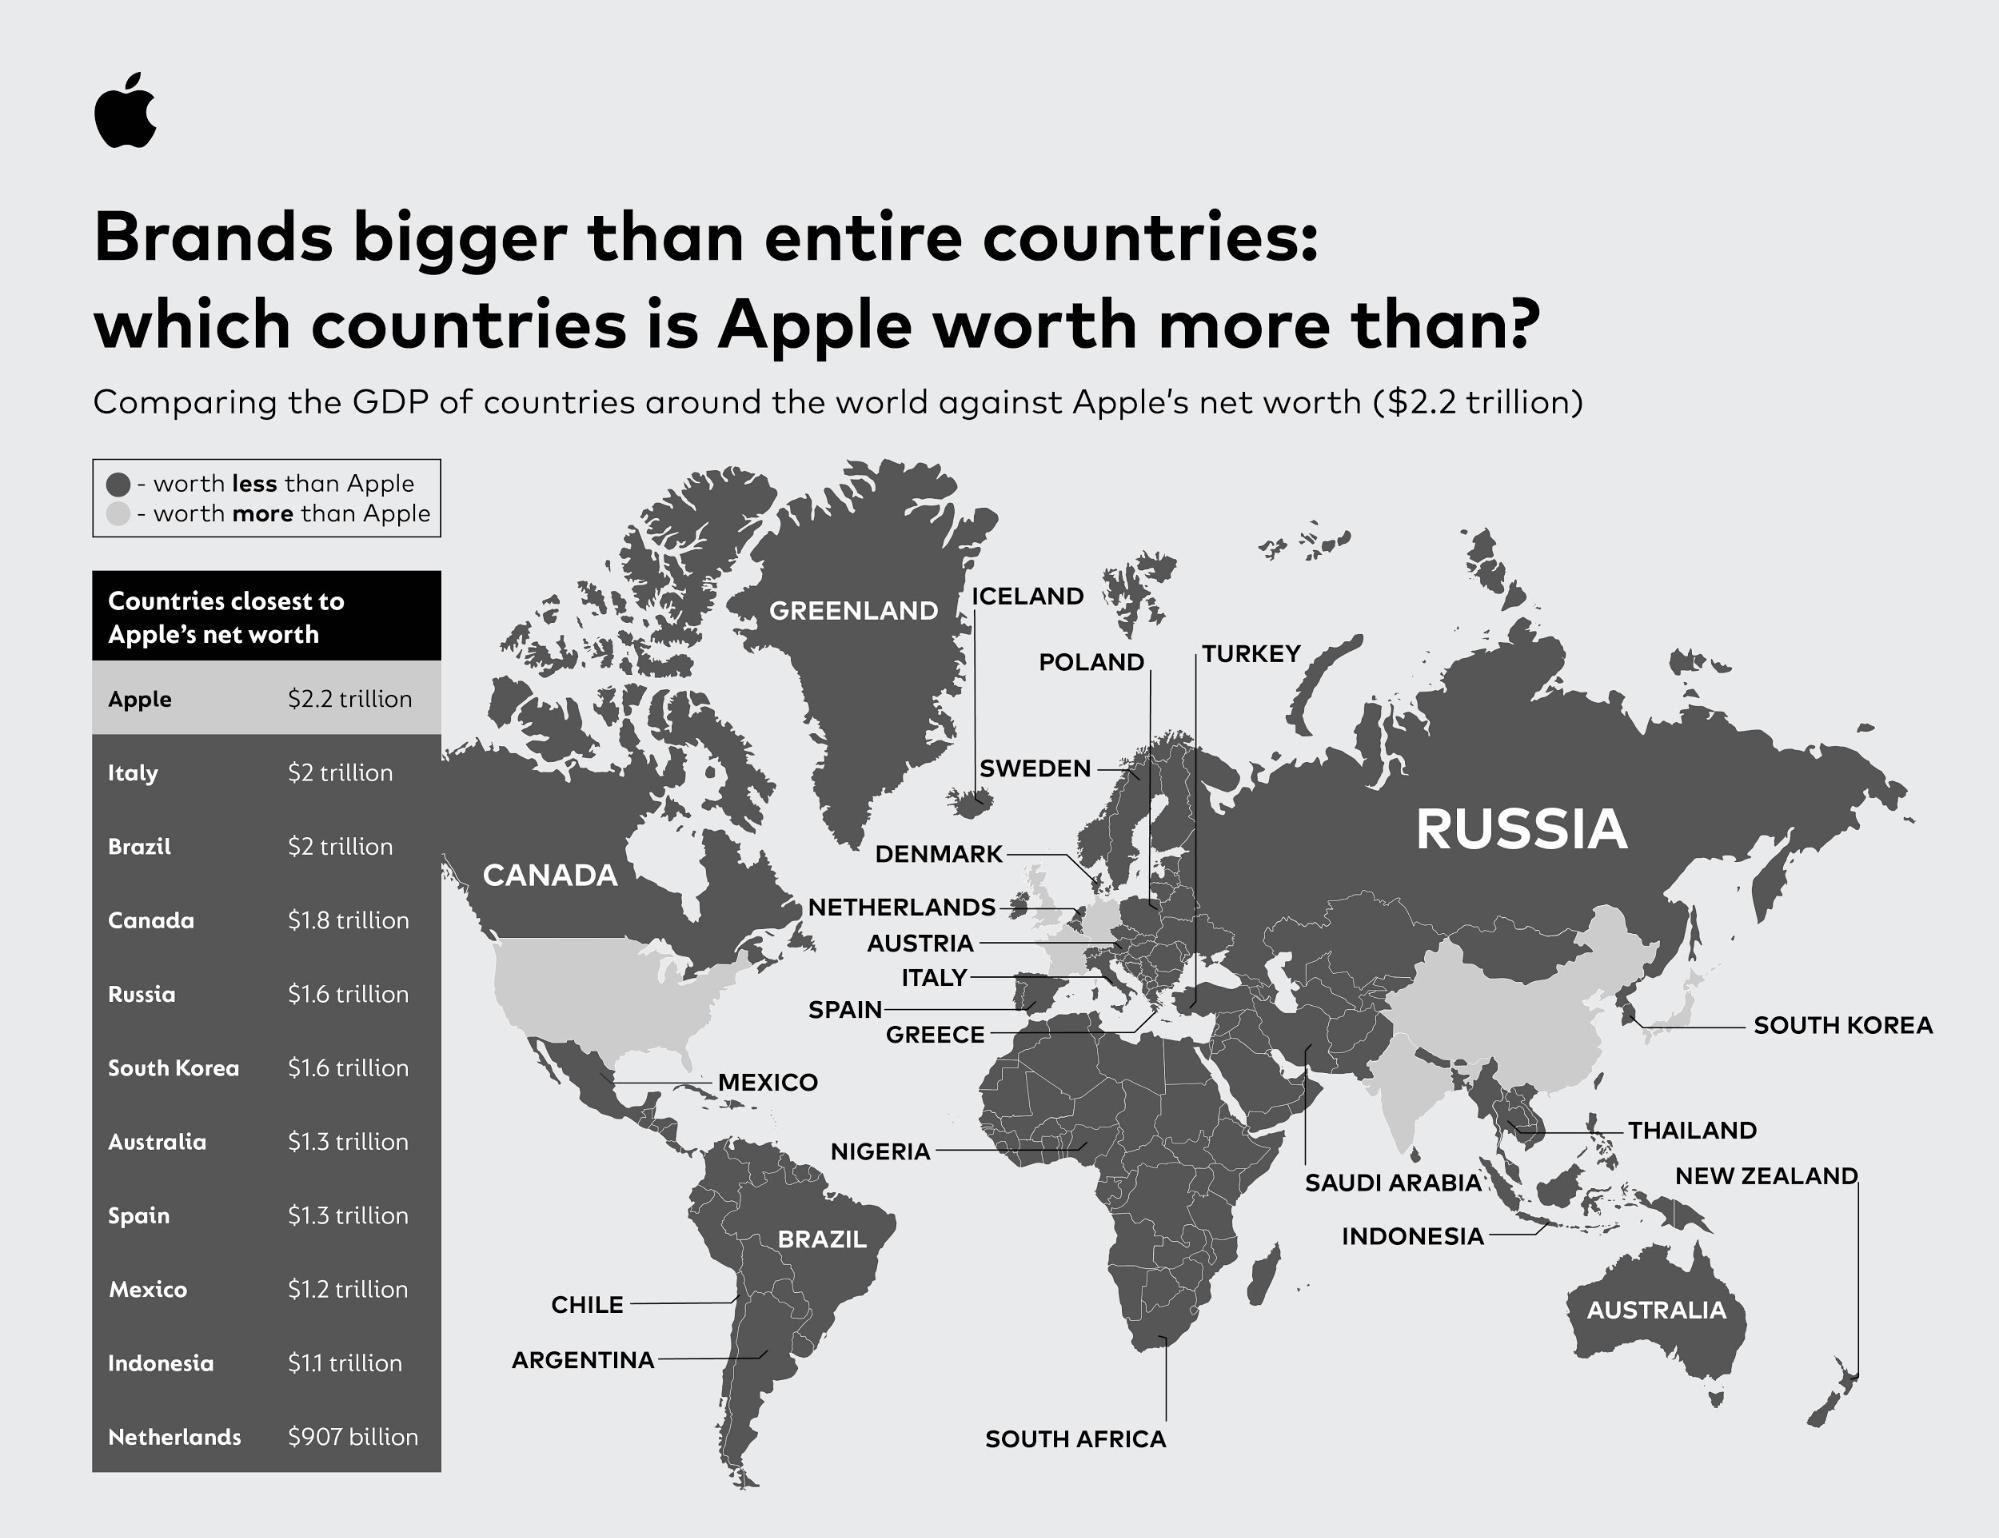 Lucros da Apple em comparação com PIB de outros países   Fonte: Mackeeper